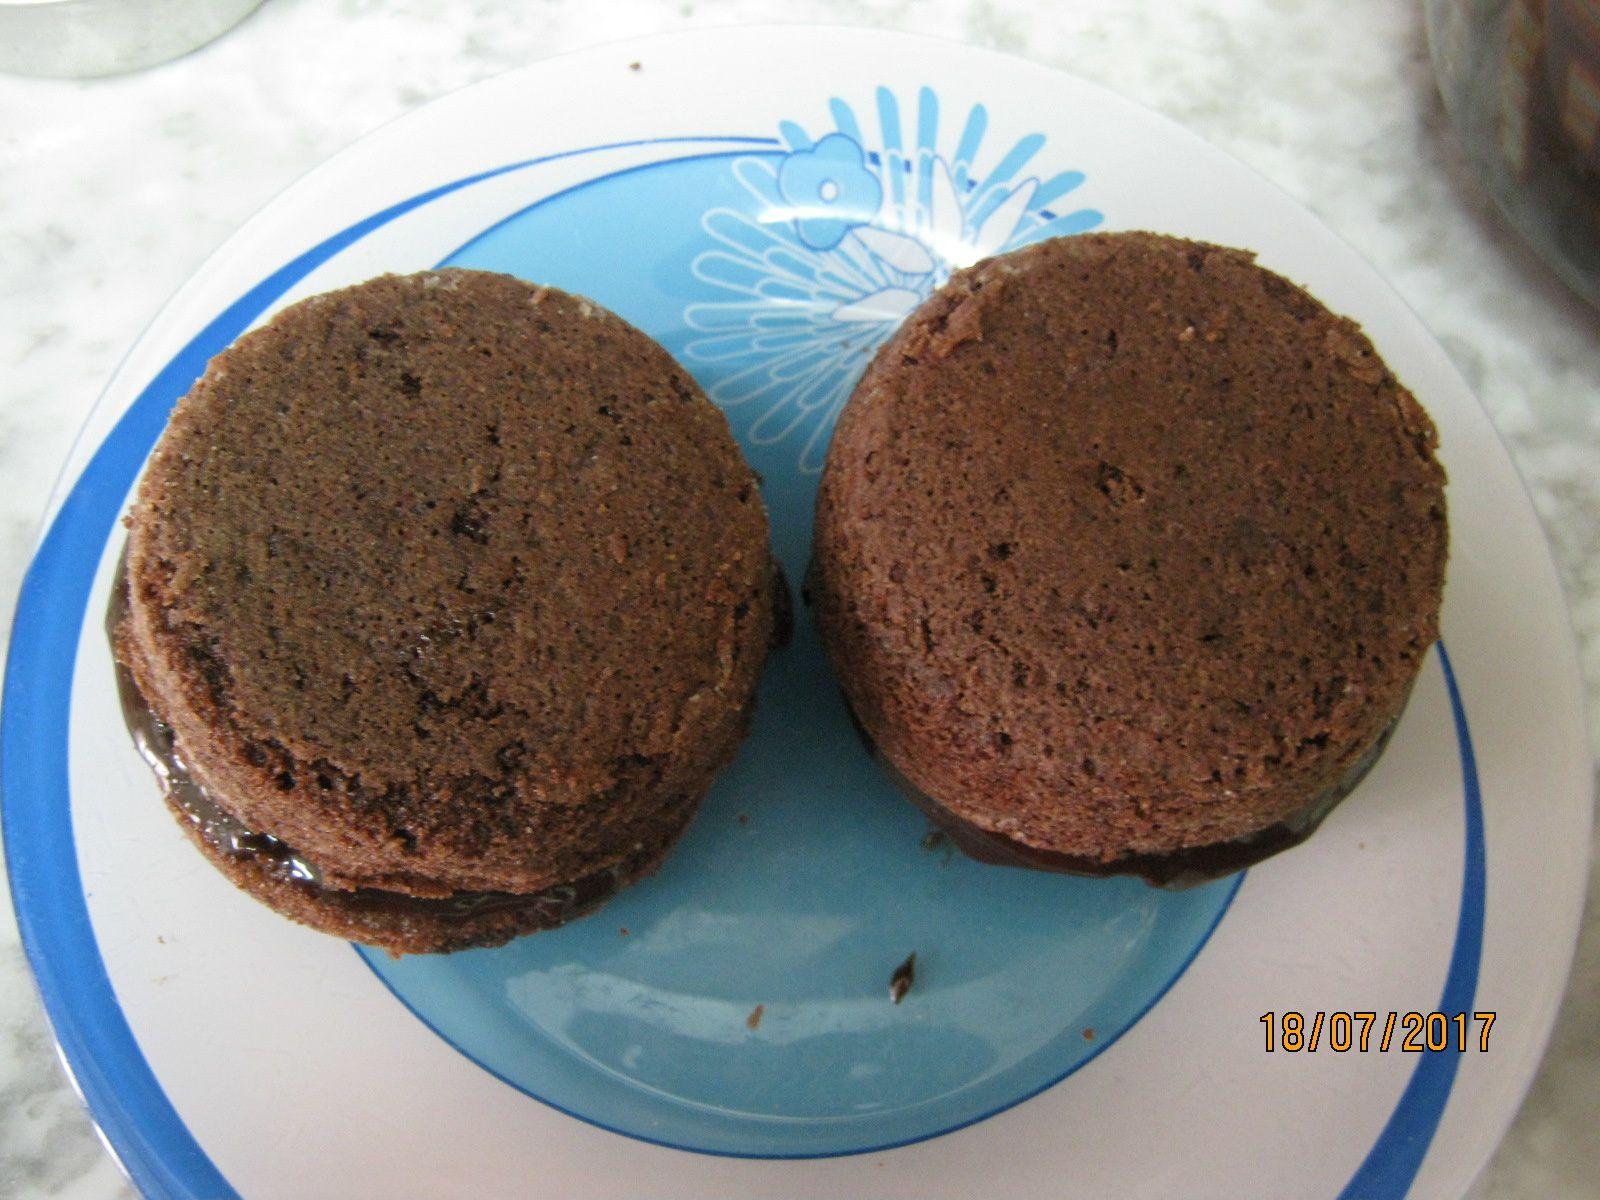 MINIS DEVIL'S CAKE